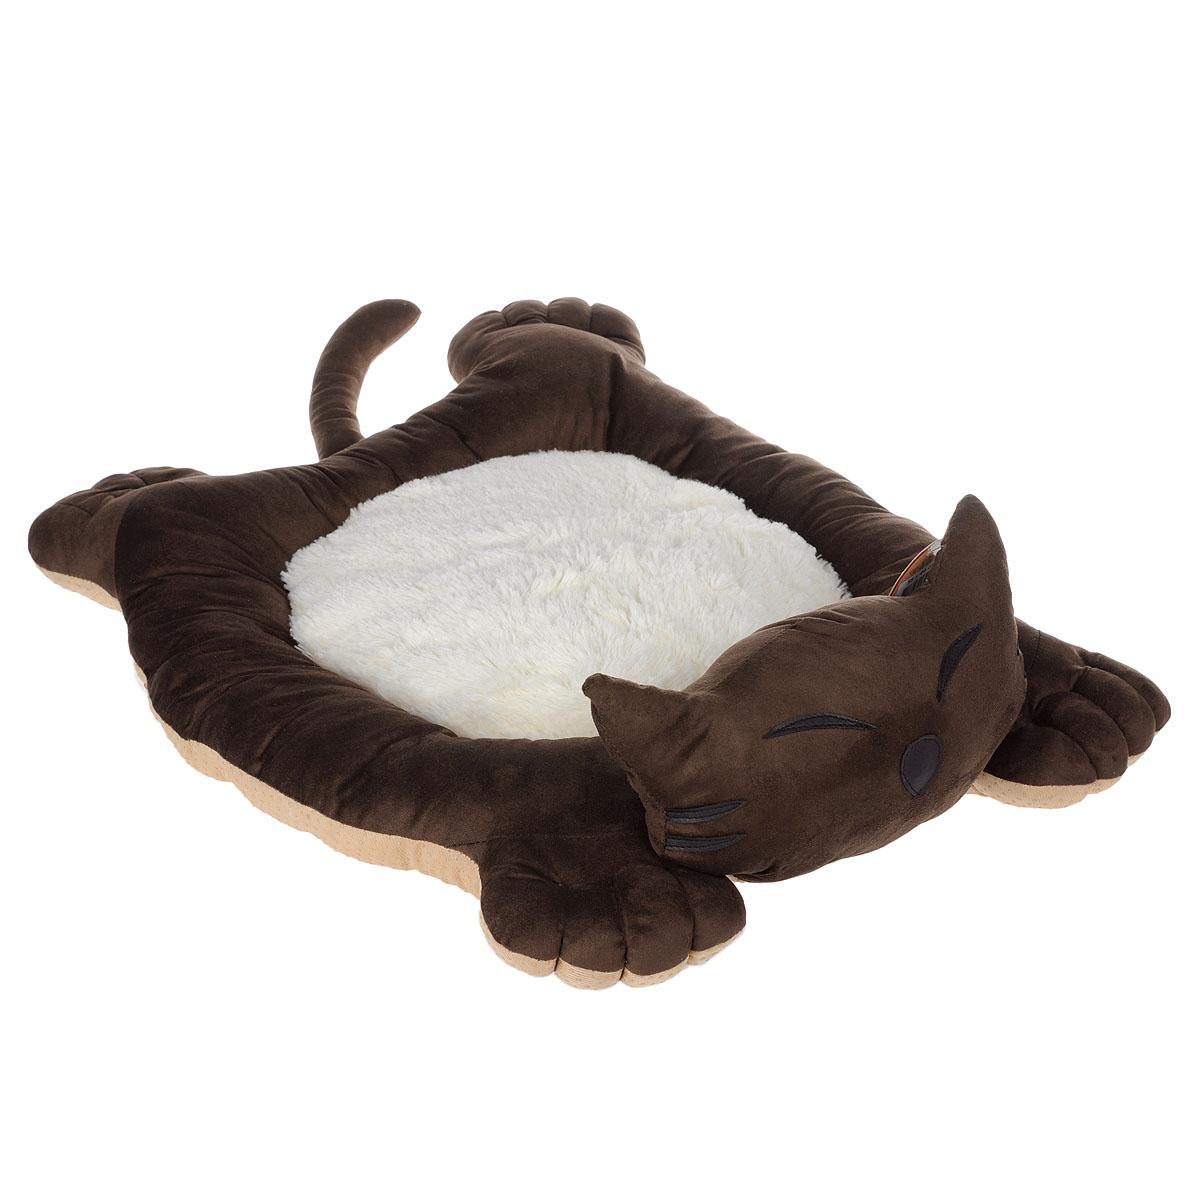 Лежак для собак и кошек I.P.T.S. Sylvester, цвет: коричневый, белый, 56 см х 44 см х 14,5 смL010Мягкий и уютный лежак для кошек и собак I.P.T.S. Sylvester обязательнопонравится вашемупитомцу. Лежак выполнен в виде кота. Он изготовлен из нежного, приятногоматериала. Внутри - мягкий наполнитель,который не теряет своей формы долгое время.Мягкий, приятный и теплыйлежак обеспечит вашему любимцу уют и комфорт. Подходит как для кошек, так идля маленьких, карликовых пород собак.За изделием легко ухаживать, можно стирать вручную или в стиральной машинепри температуре 30°С.Материал бортиков: искусственная замша.Материал матрасика: плюш. Наполнитель: полифибер.Товар сертифицирован.